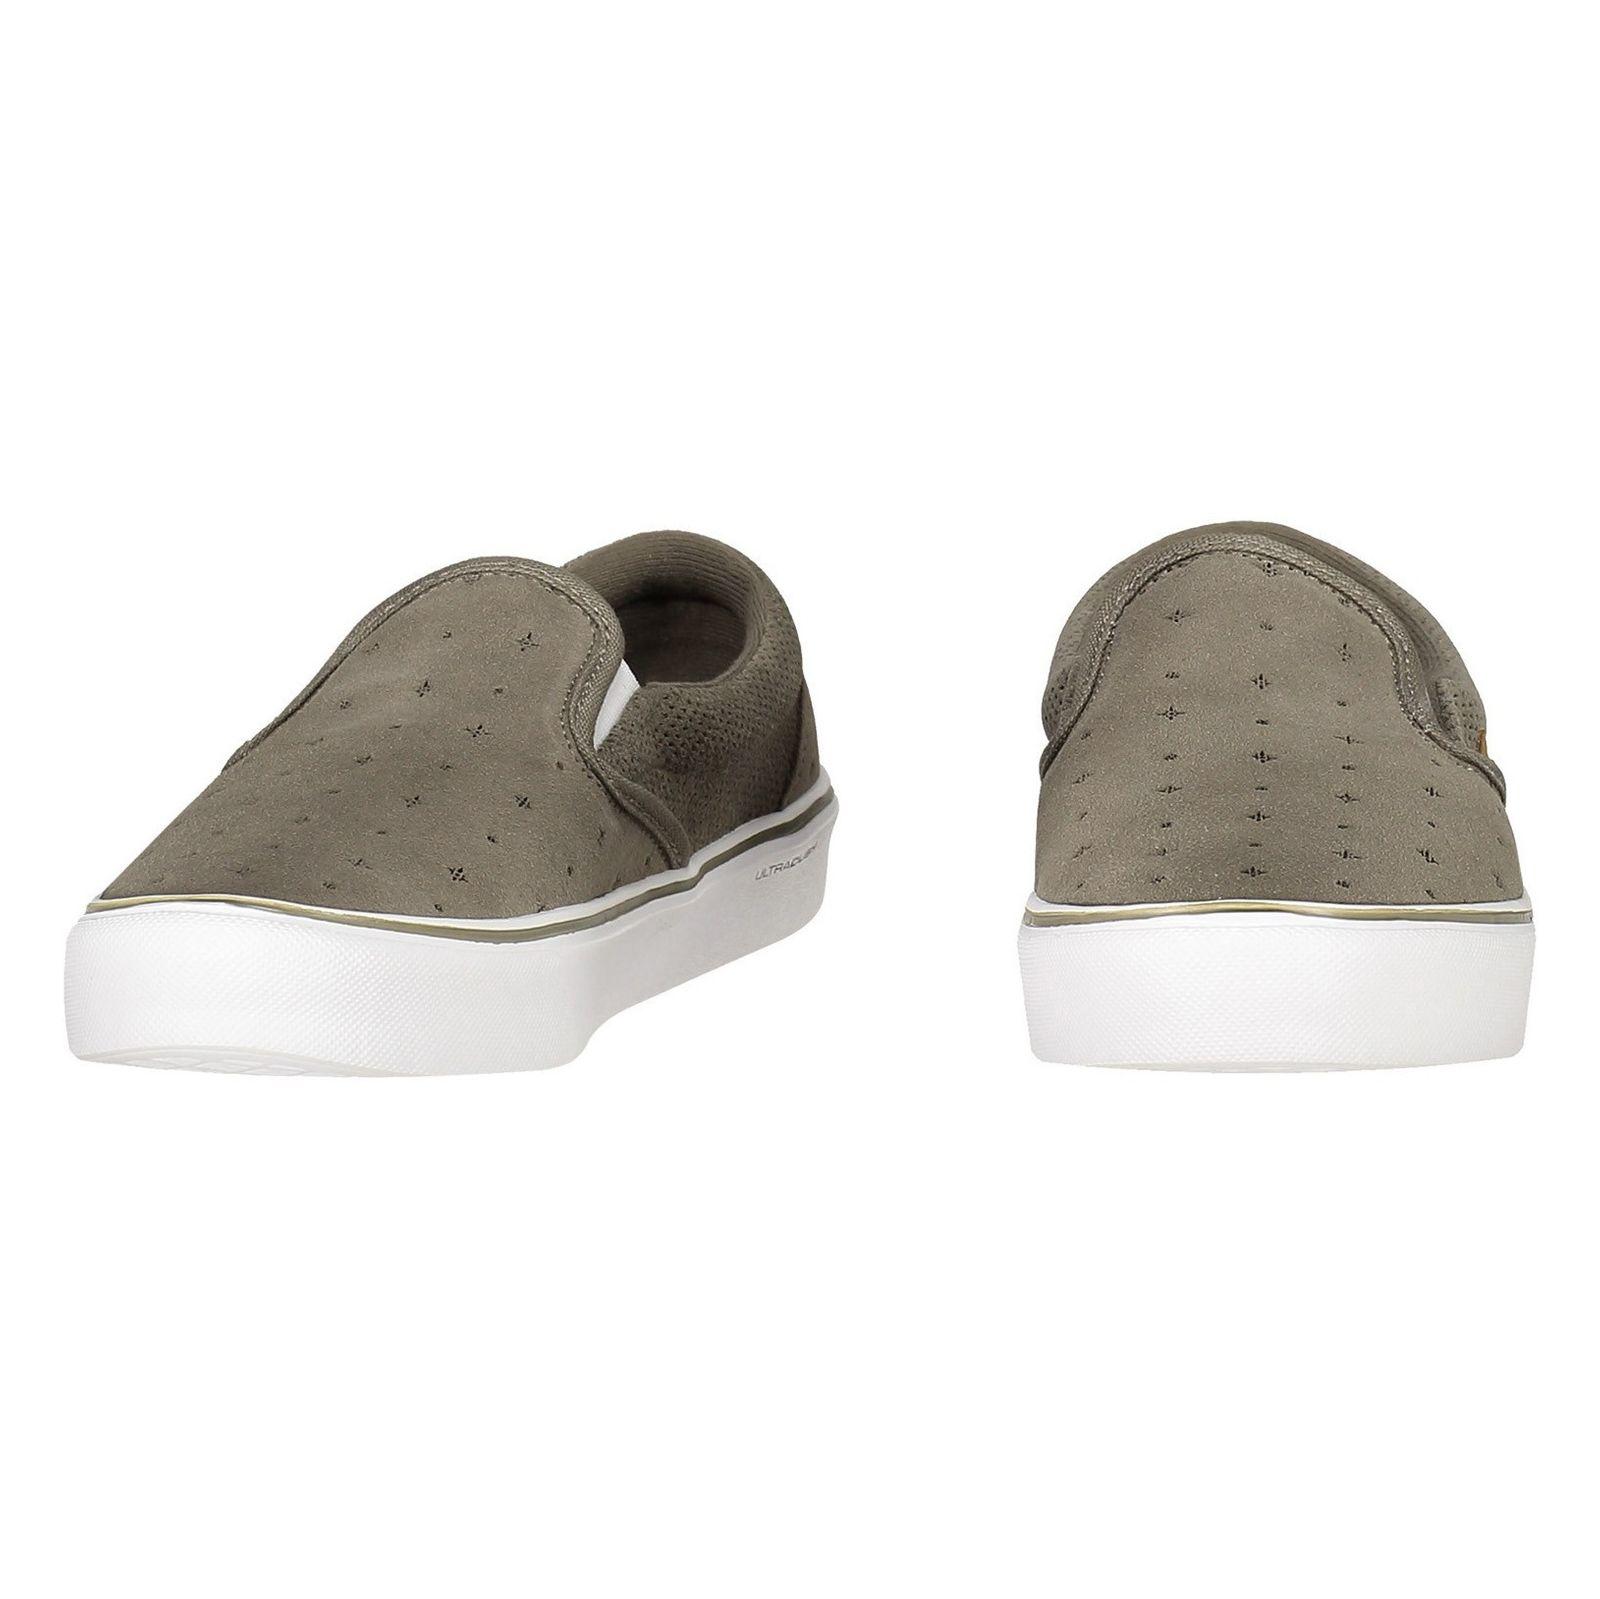 کفش راحتی مردانه Slip On Lite - ونس - طوسي  - 5